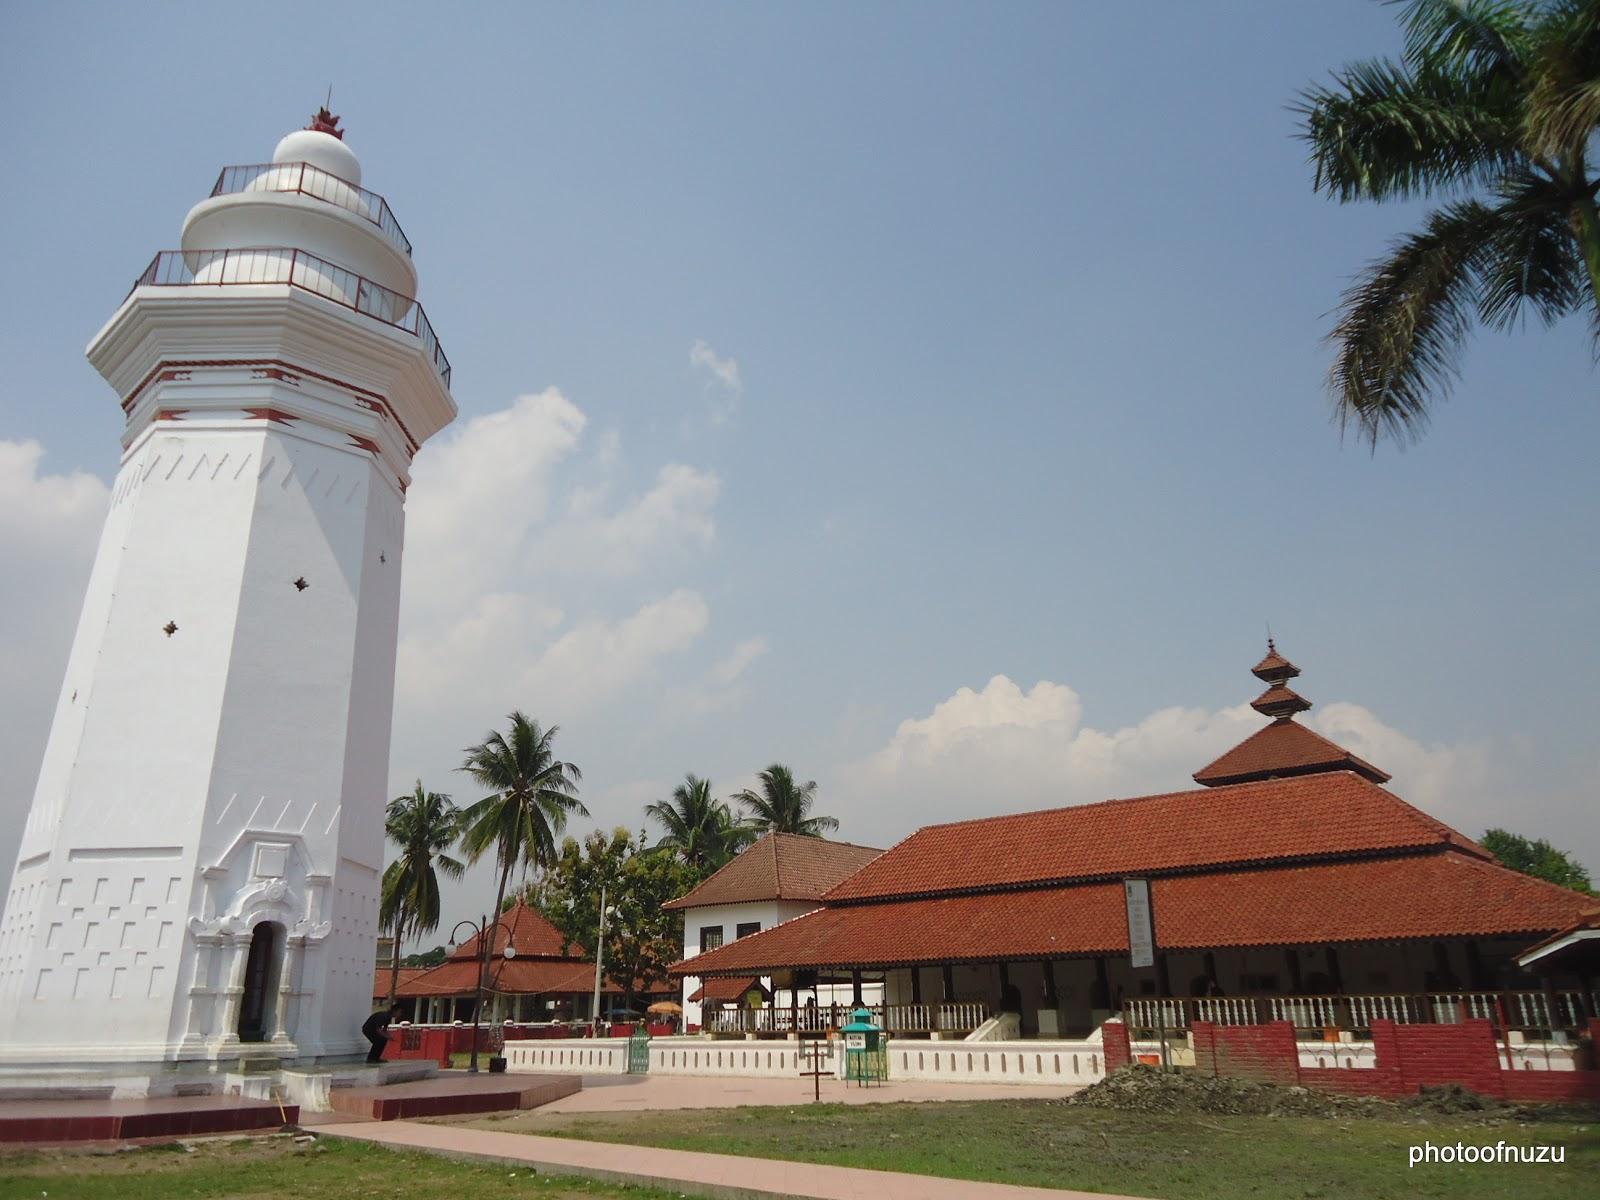 Gambar Mesjid Agung Banten - Maulana Muhammad Naik Tahta